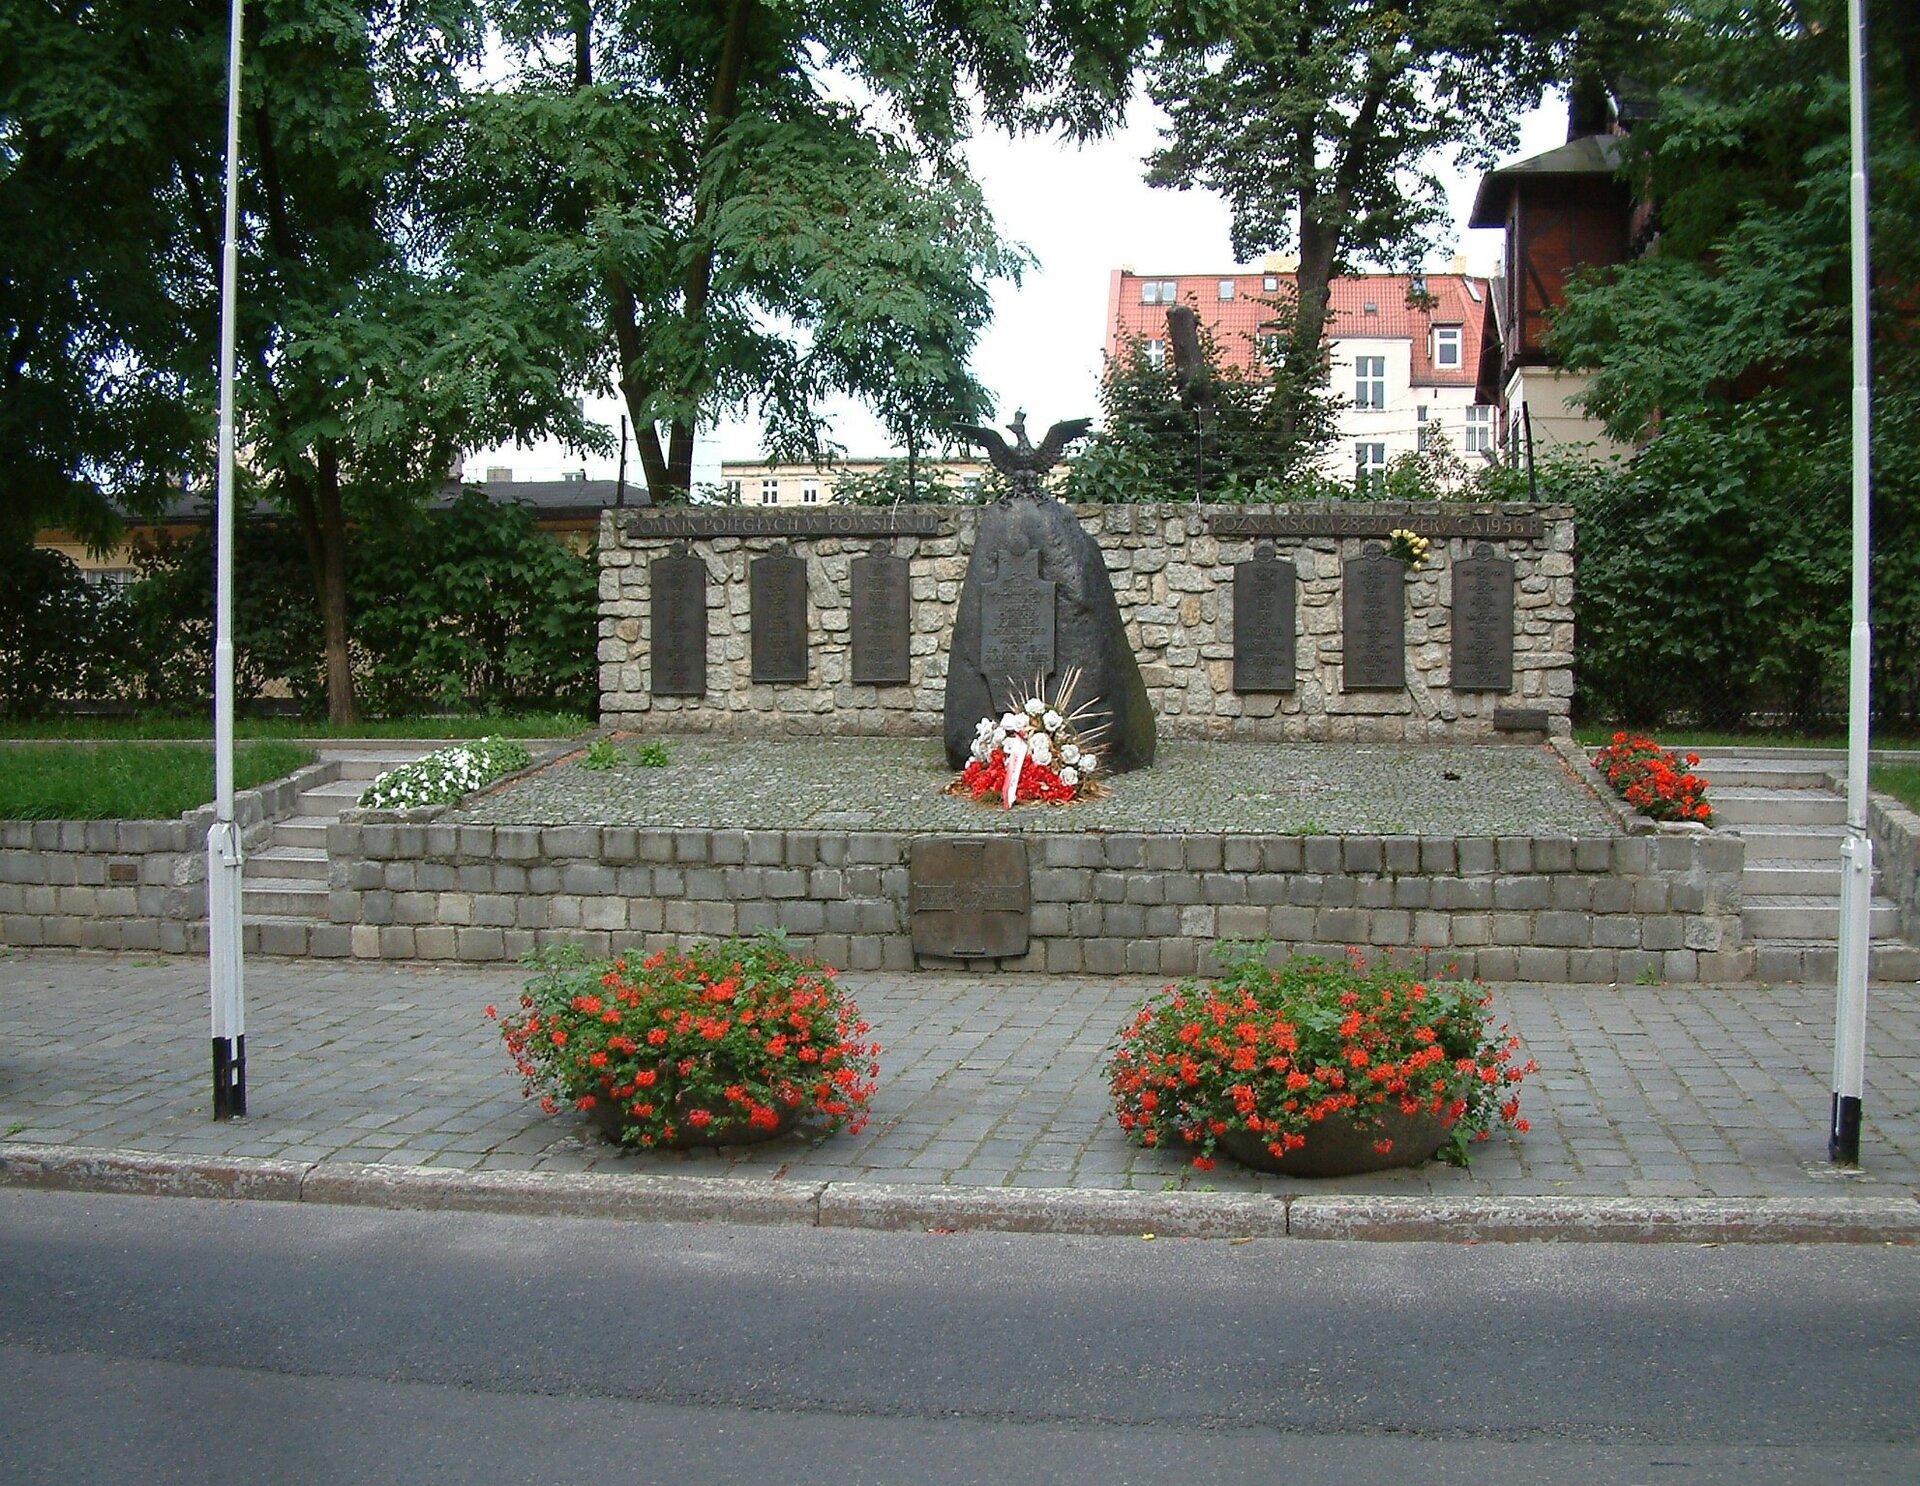 Pomnik ofiar poznańskiego czerwca 1956 Źródło: Radomil, Pomnik ofiar poznańskiego czerwca 1956, Fotografia, licencja: CC BY-SA 3.0.